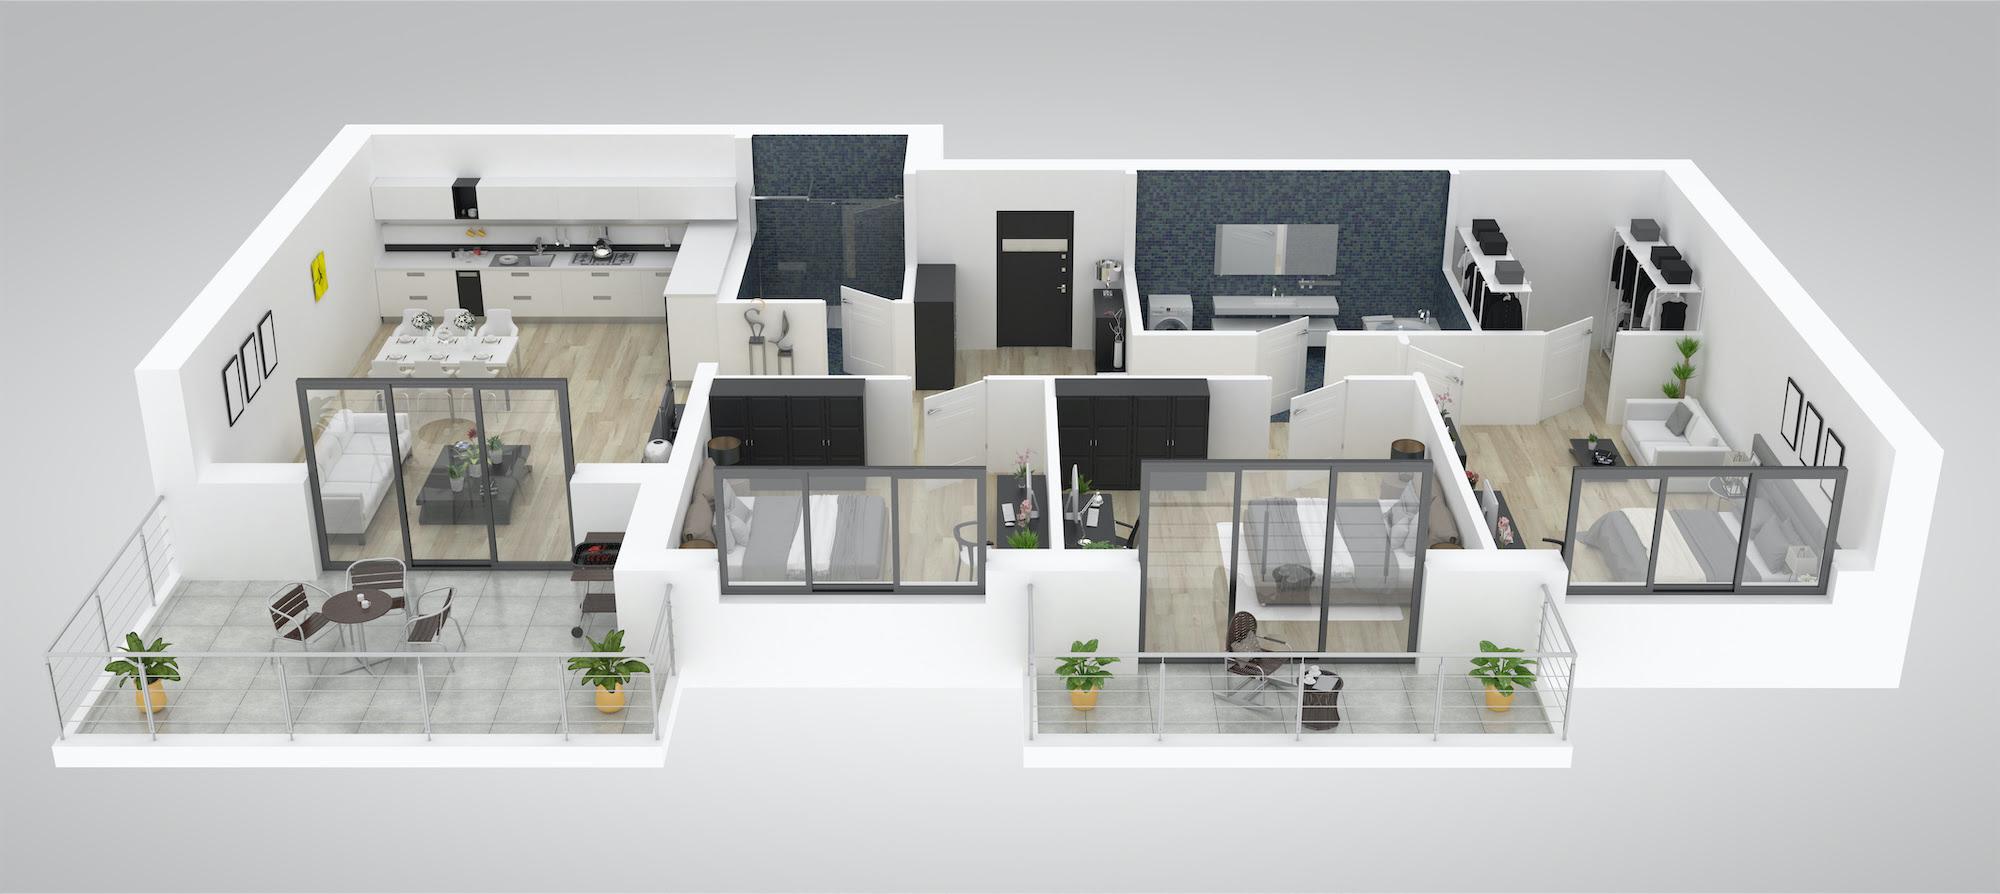 Loft Apartment Interior Design Ideas